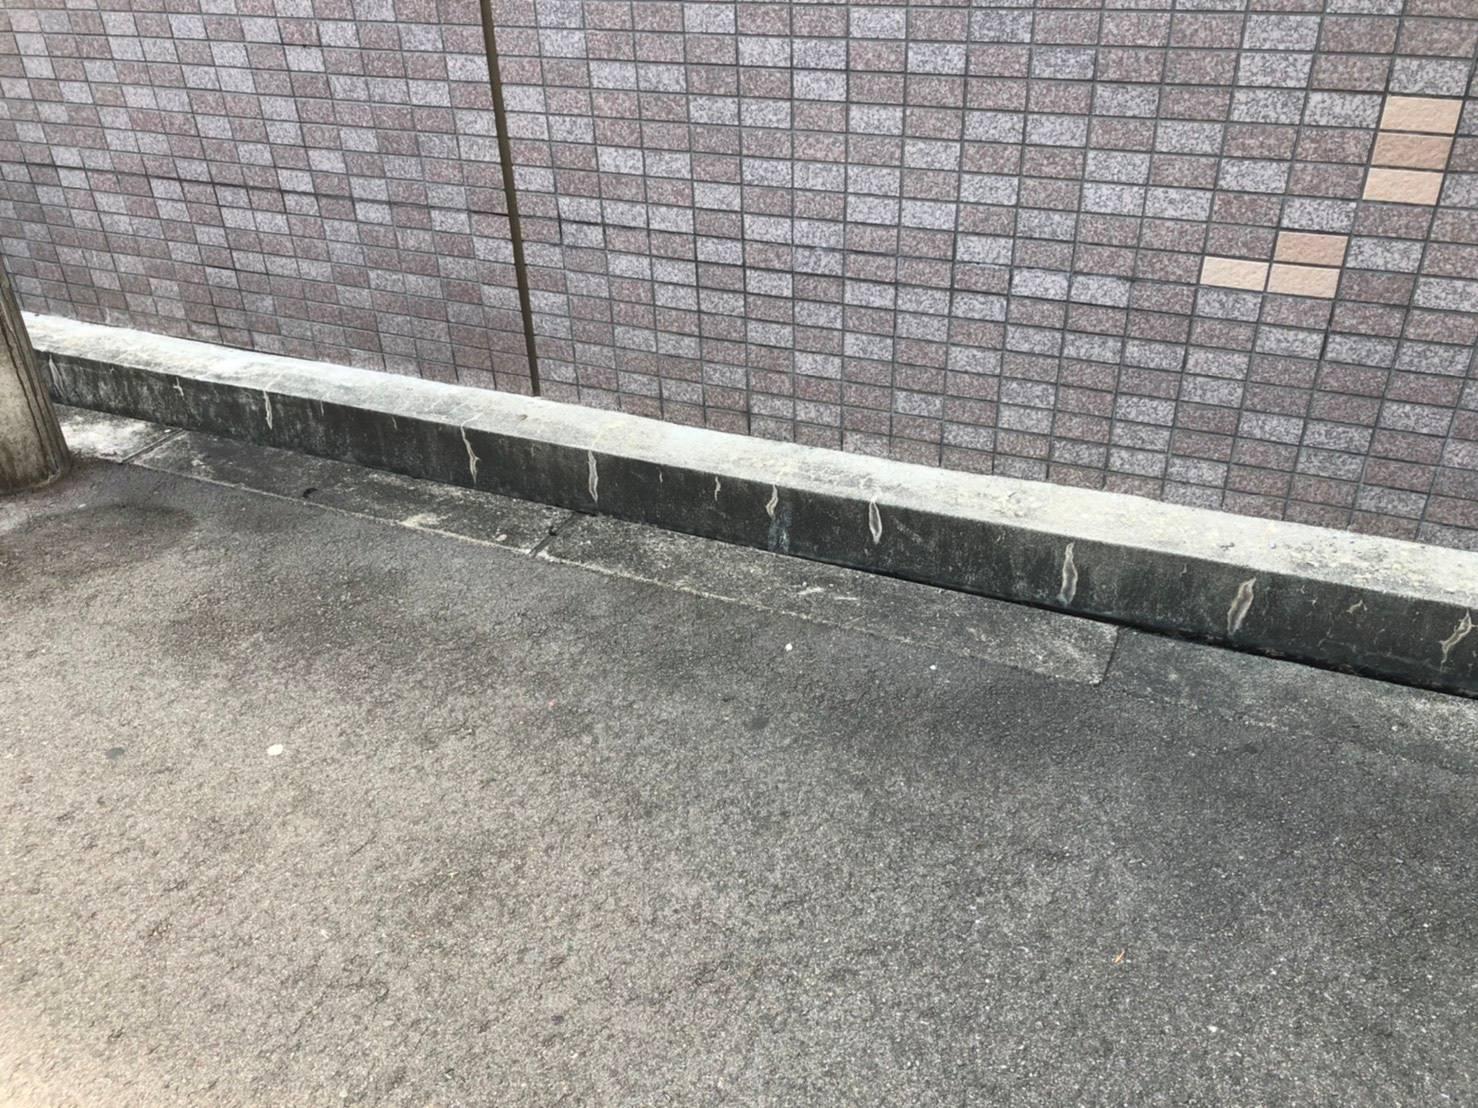 大阪府大阪市のテレビ台の回収後